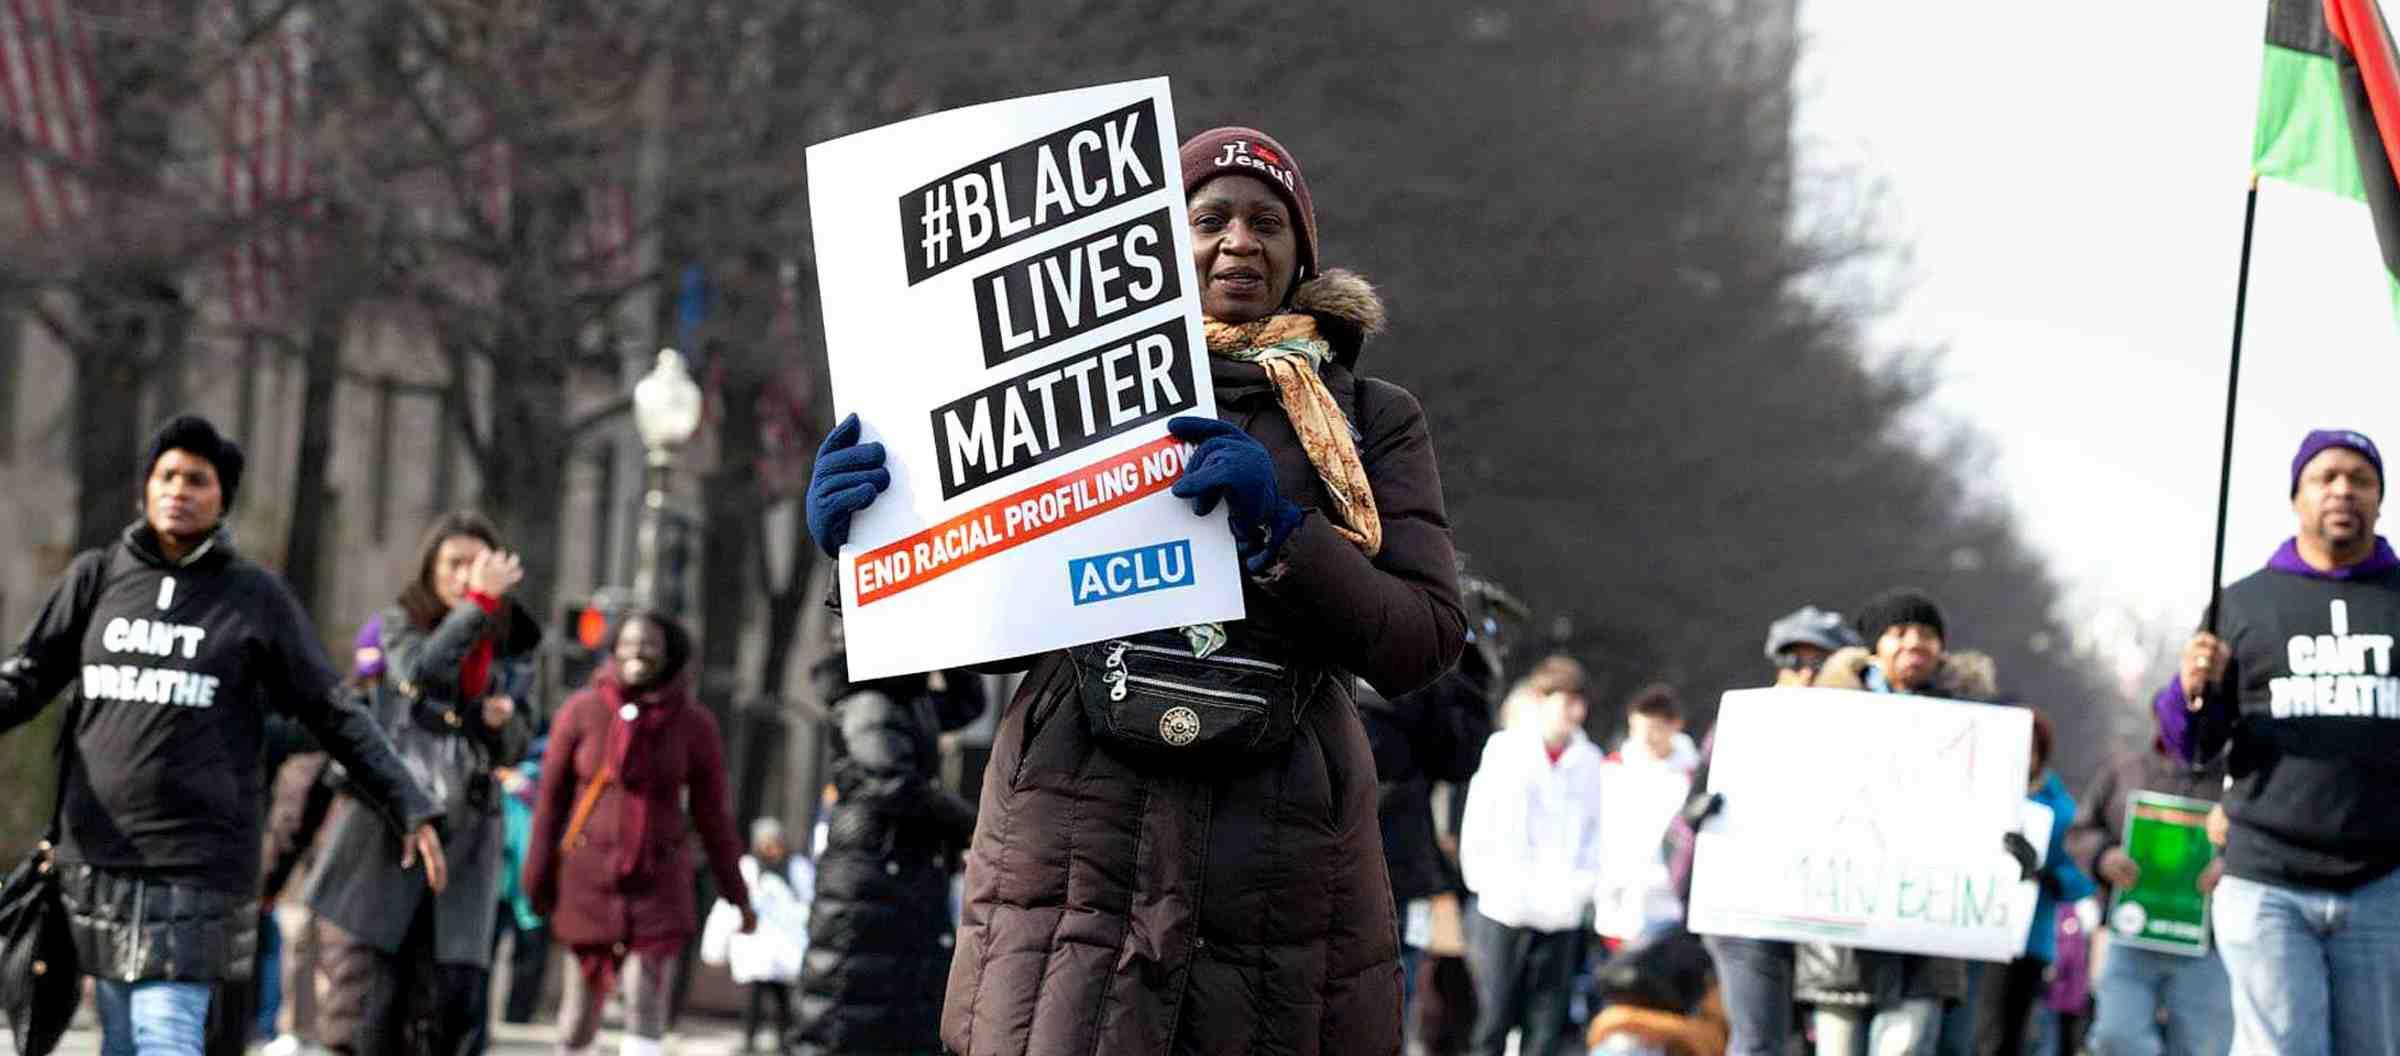 El Programa de Justicia Racial de la ACLU tiene como objetivo preservar y extender los derechos garantizados constitucionalmente a las personas a quienes históricamente se les han negado sus derechos por motivos de raza. Foto: ACLU.